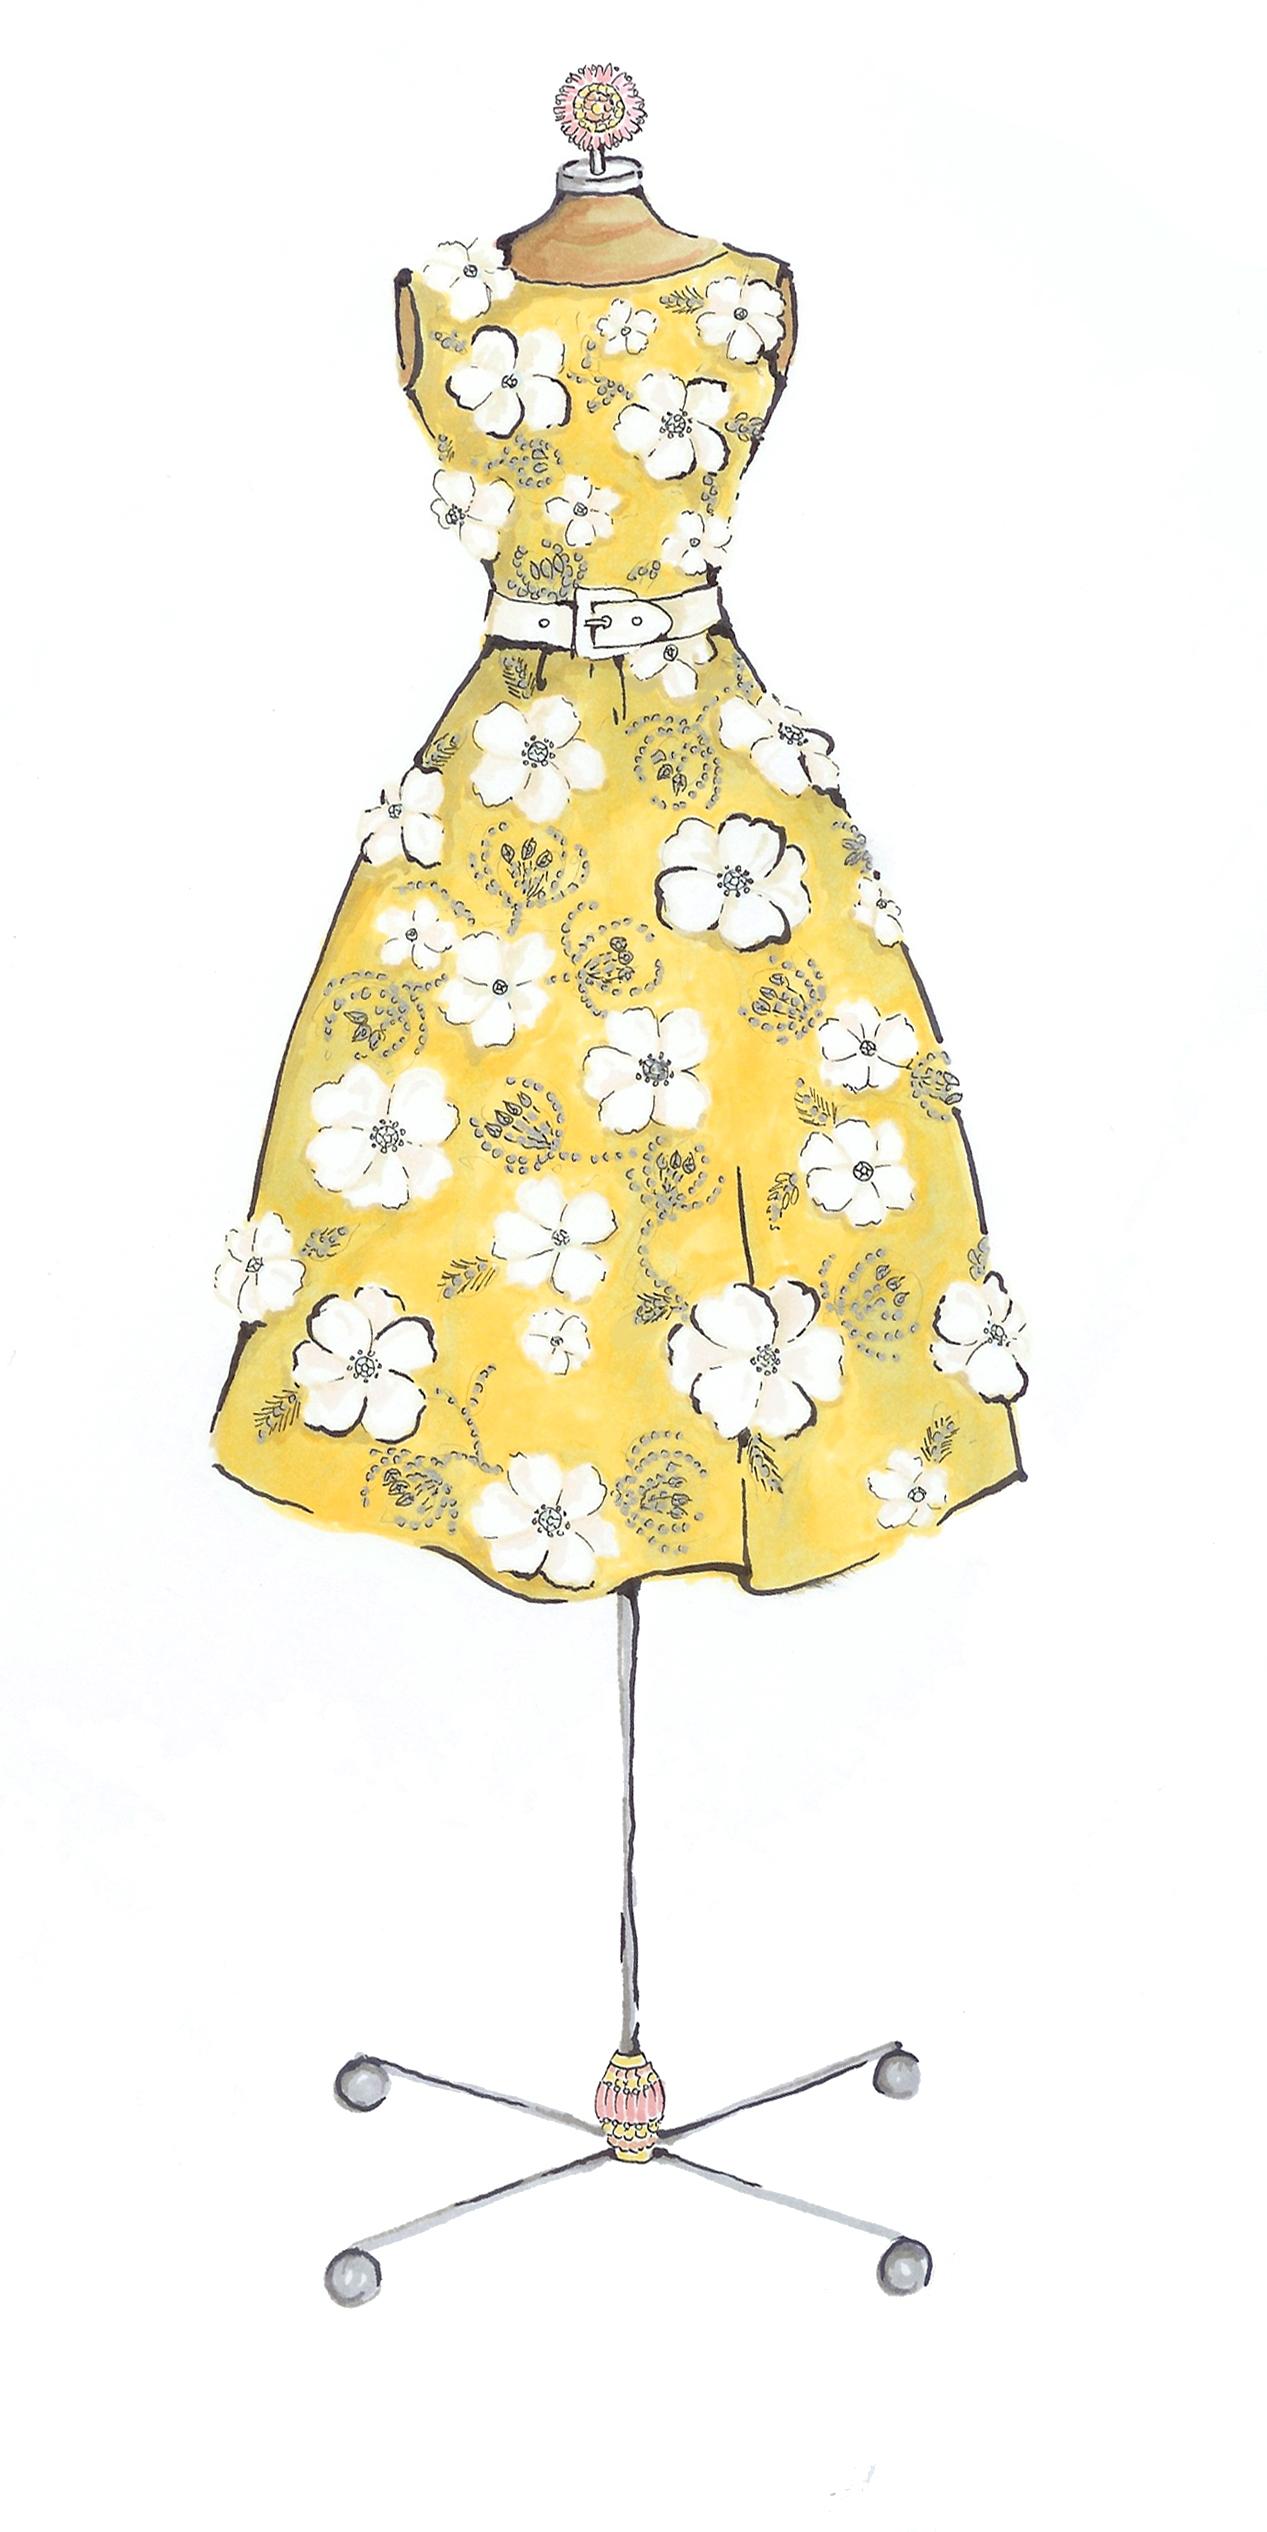 Yellow Dress clipart fashion dress Yellow dress Fashion Leung yellow